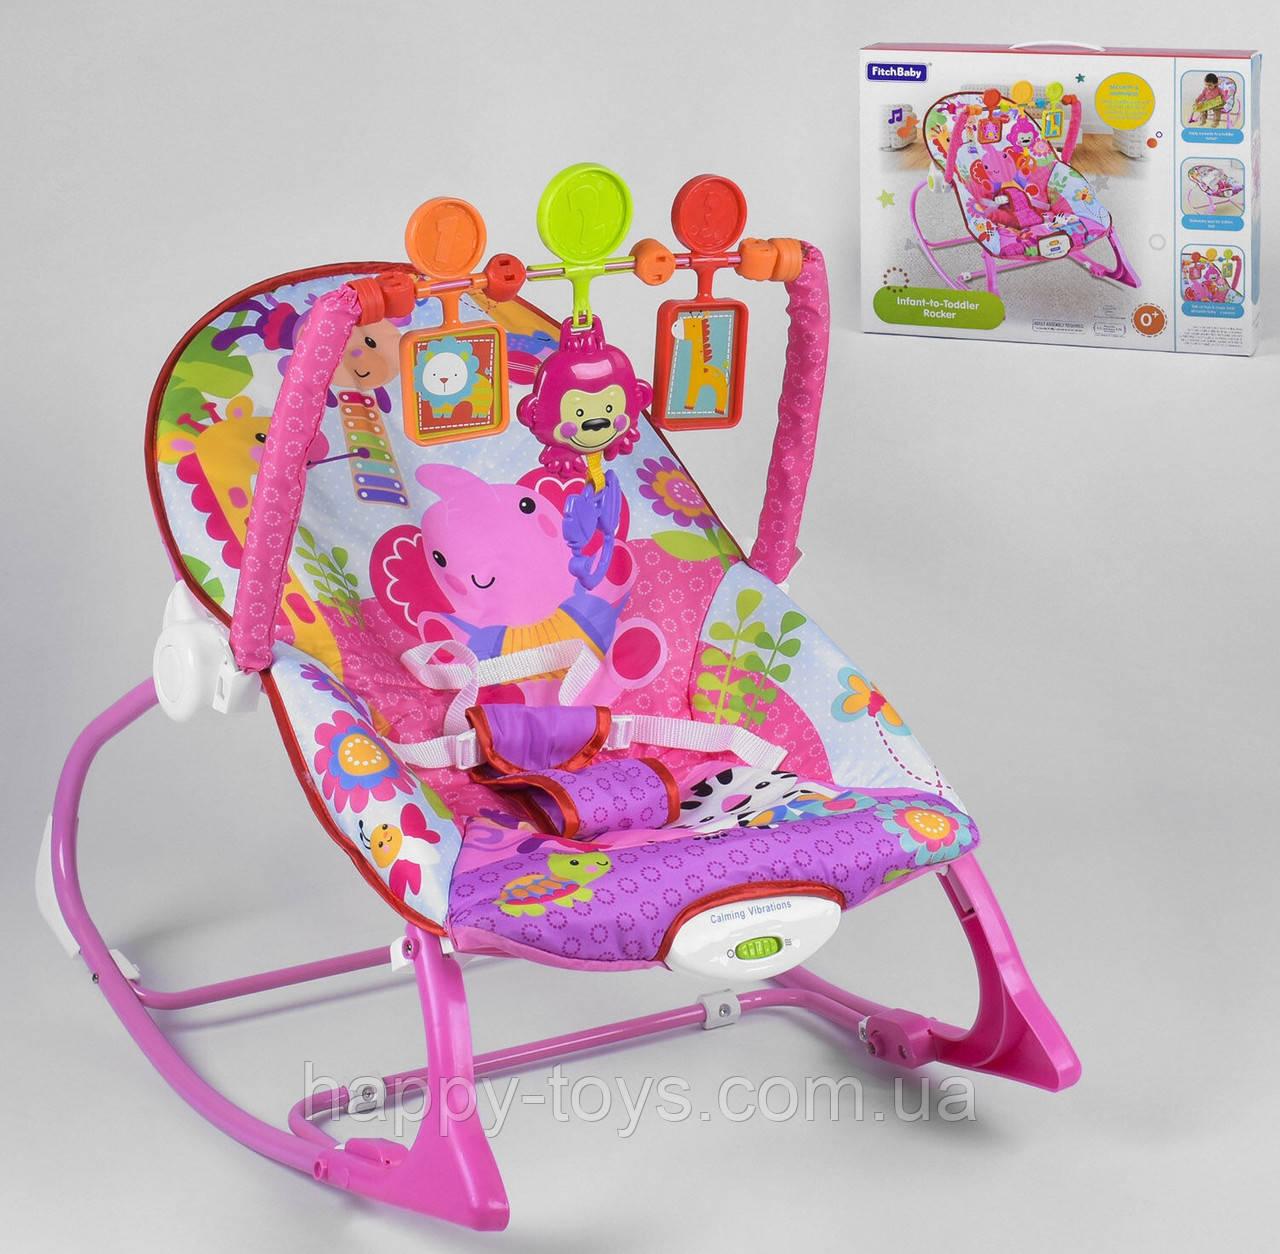 Детский шезлонг-качалка Слоник 8617, 3 игрушки, музыка, вибрация, в коробке